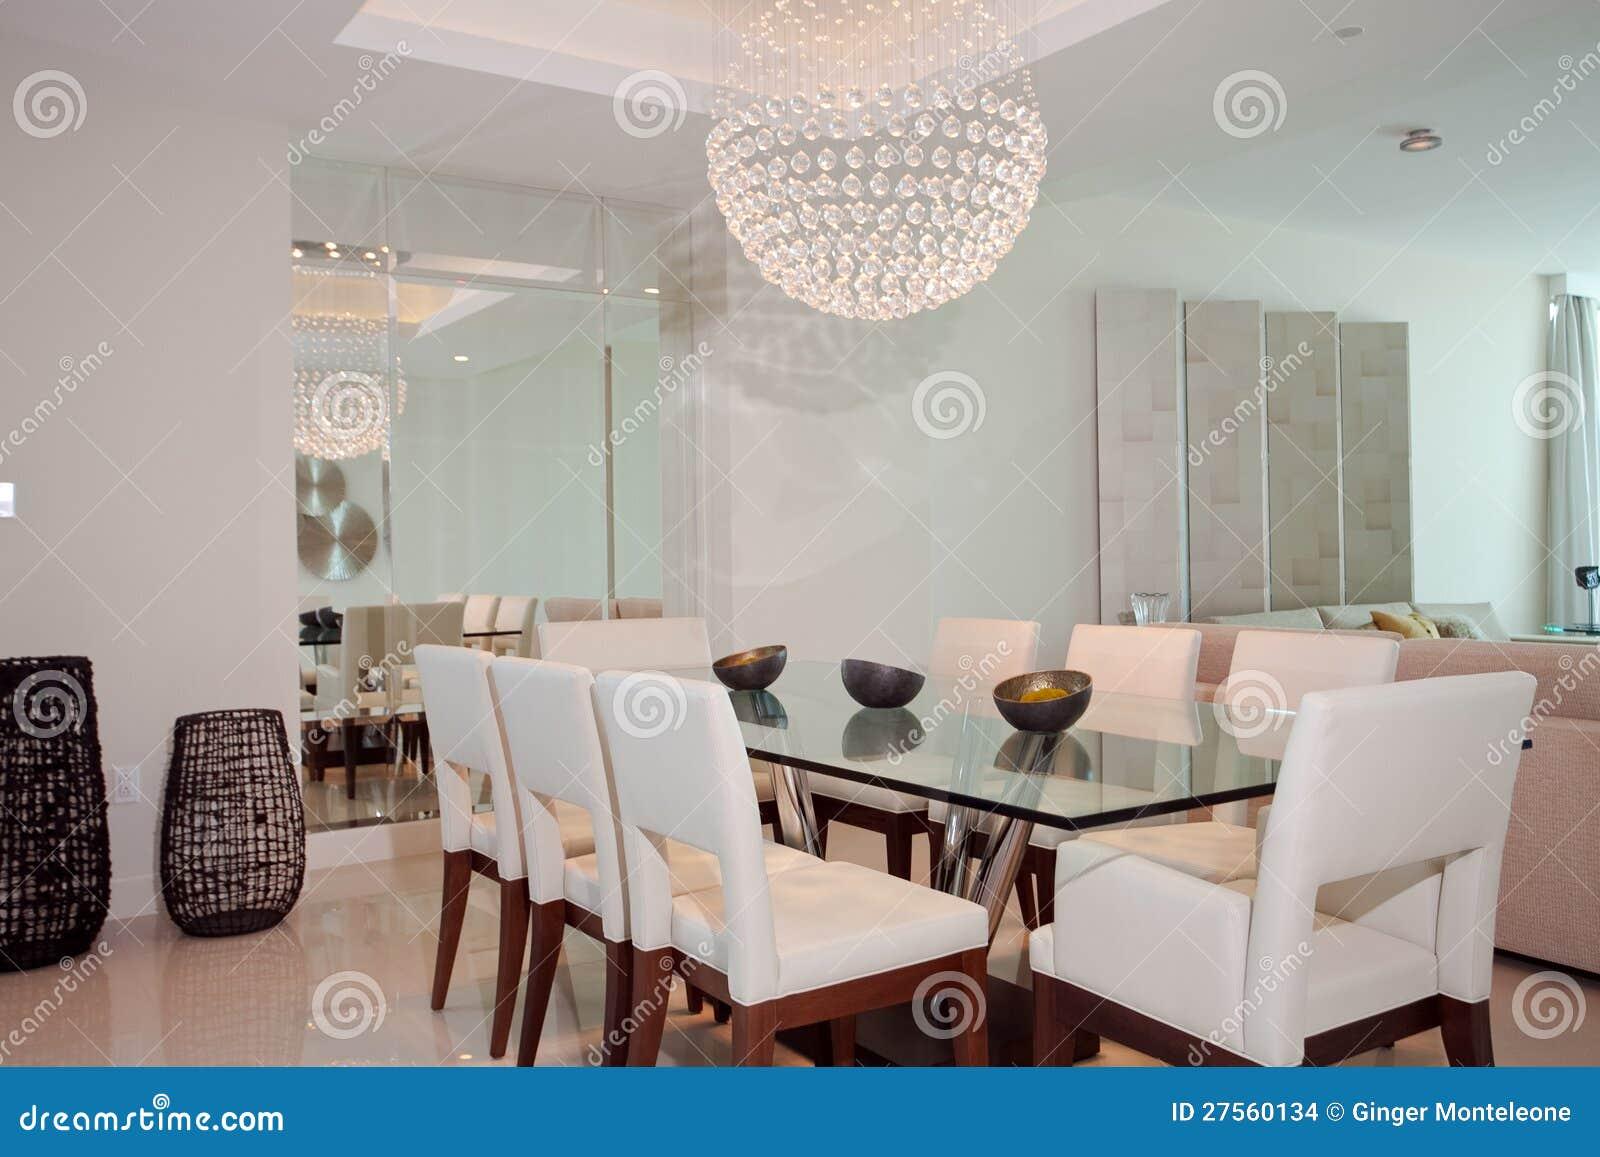 Sala De Jantar Luxuosa ~ Sala De Jantar Luxuosa Imagens de Stock  Imagem 27560134